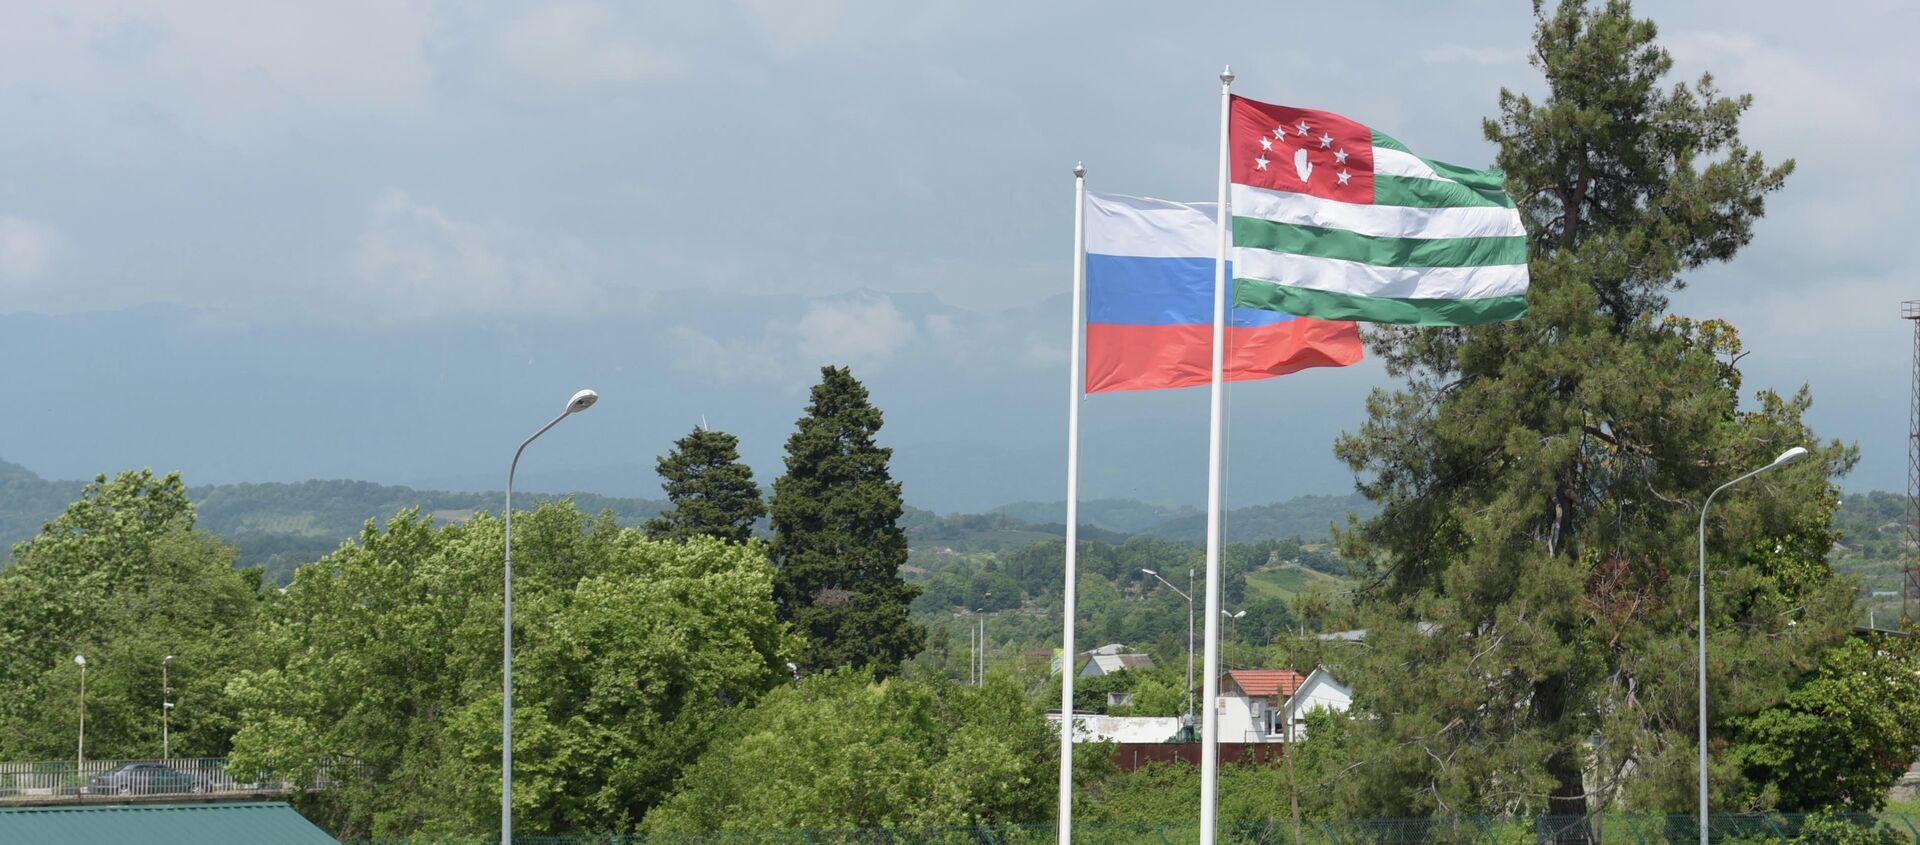 Граница по реке Псоу  - Sputnik Абхазия, 1920, 20.07.2021